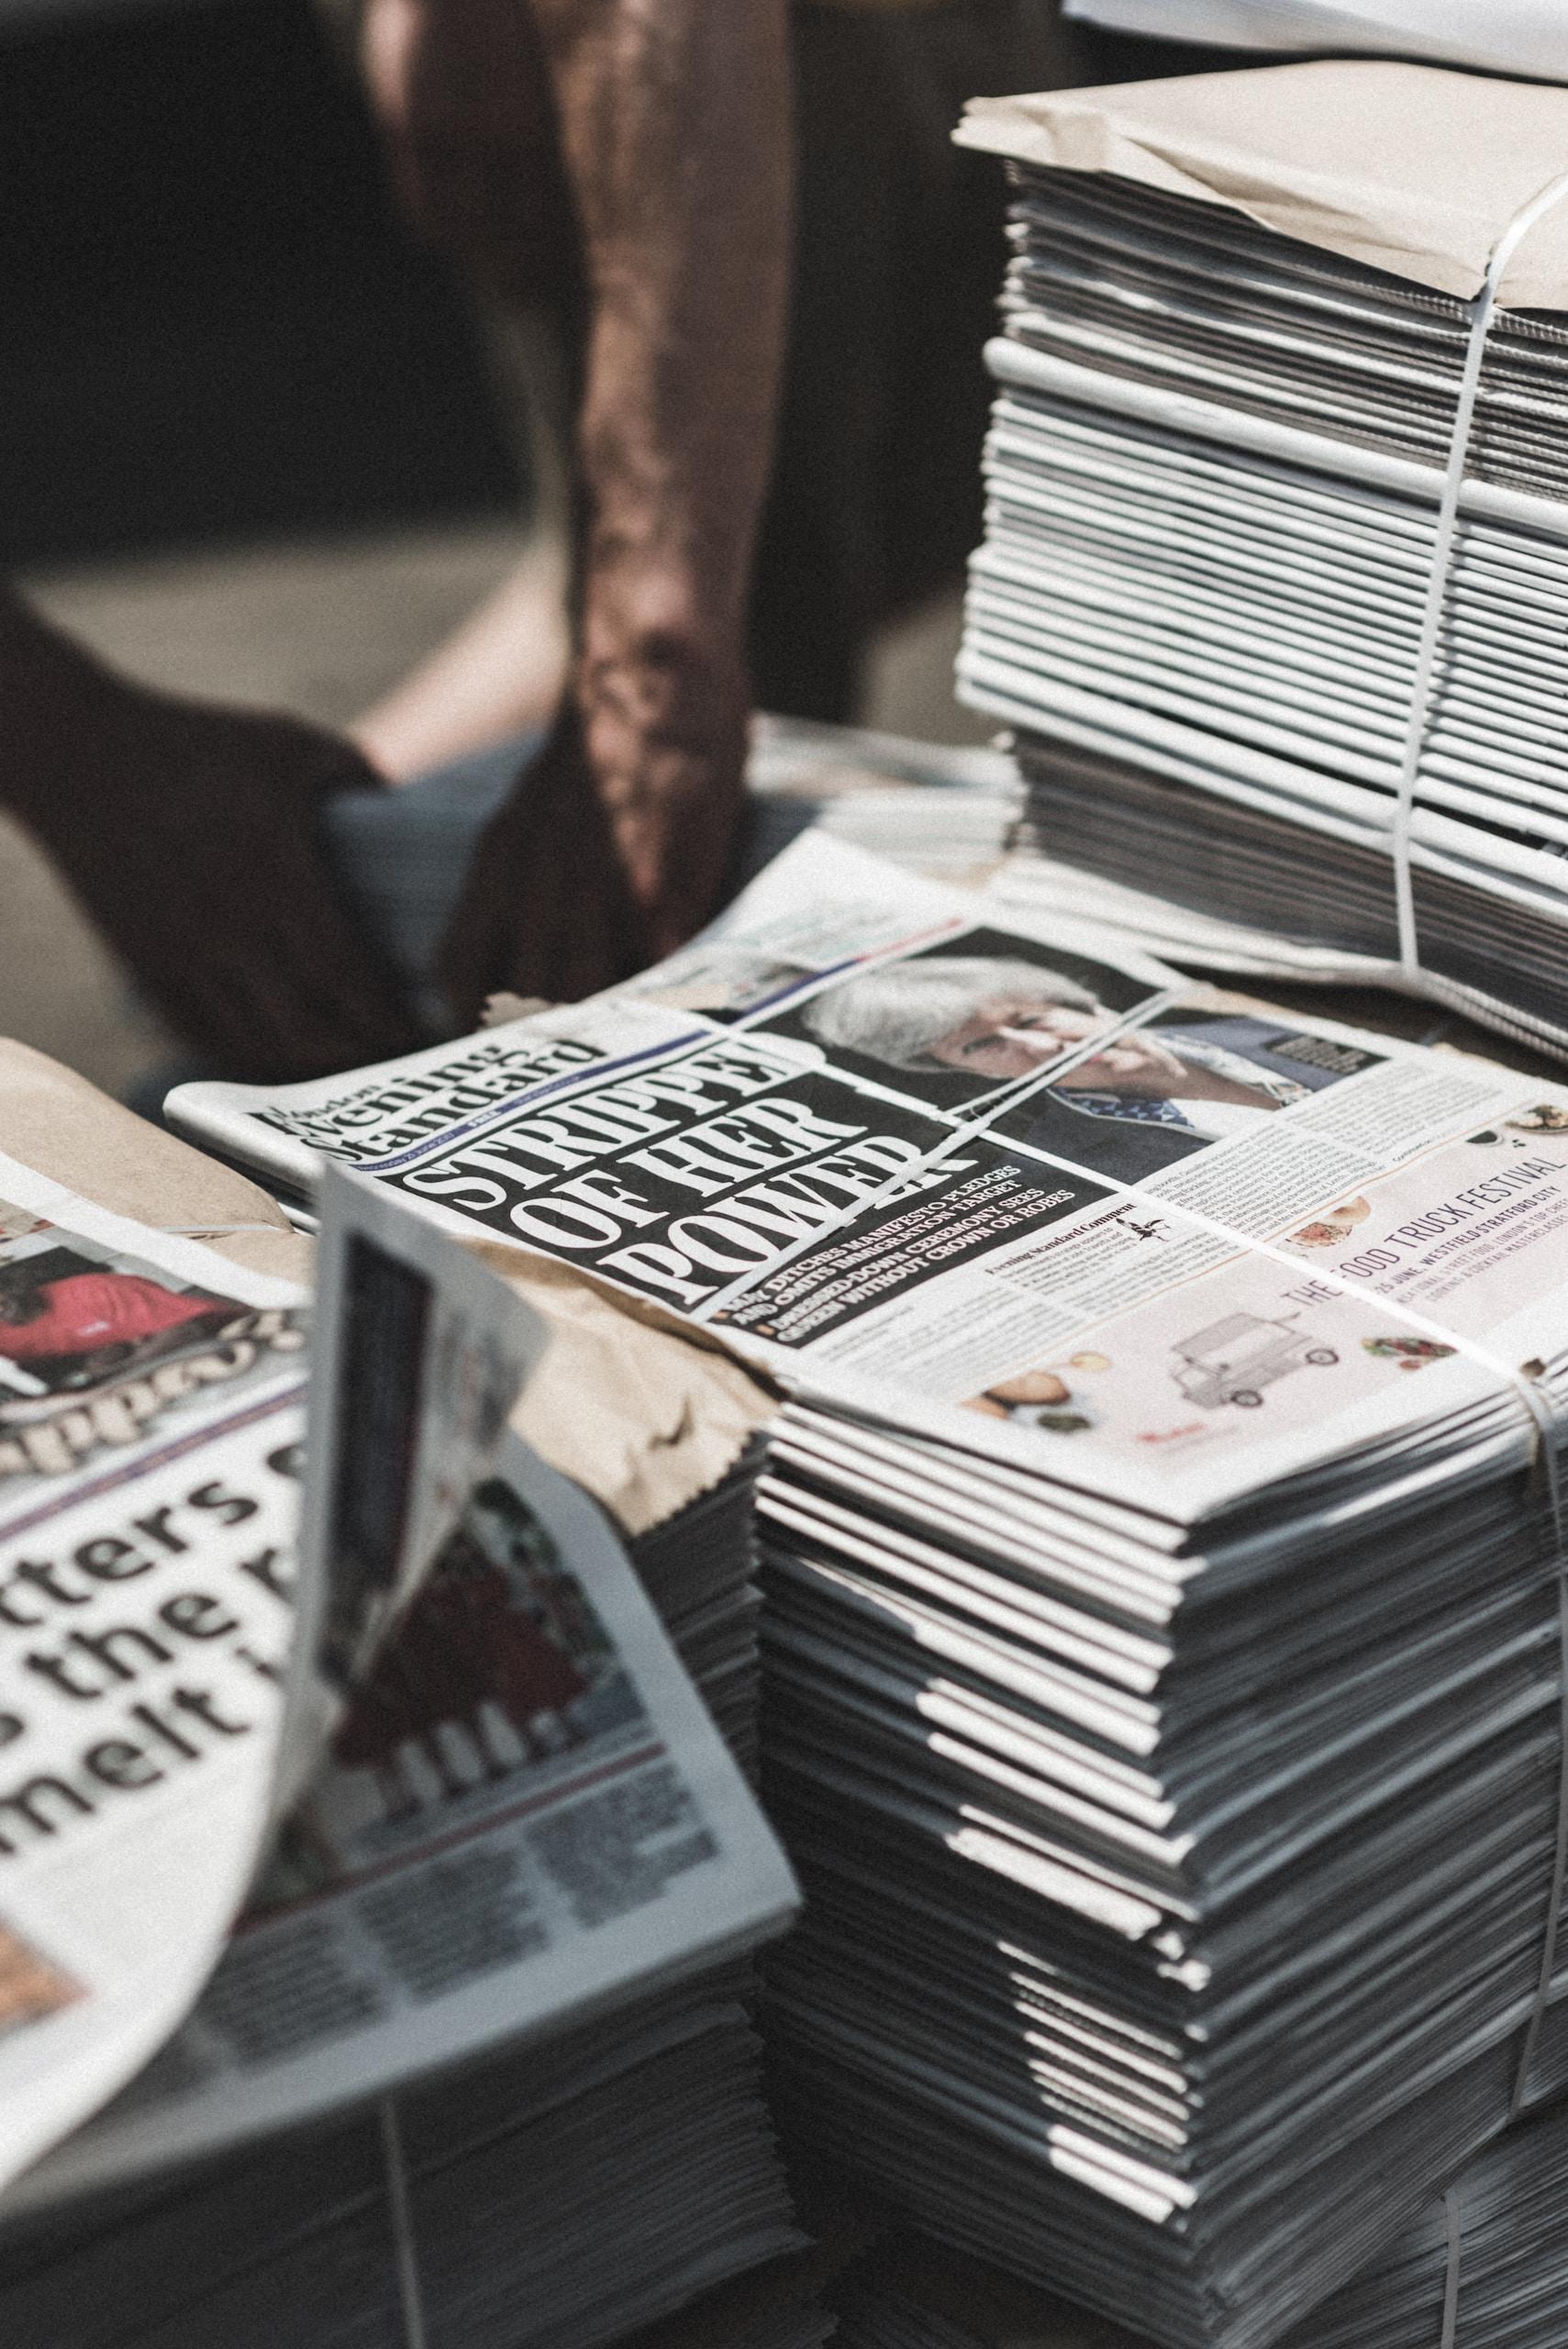 ¿Cómo Contactar Periodistas? 4 tips para lograrlo